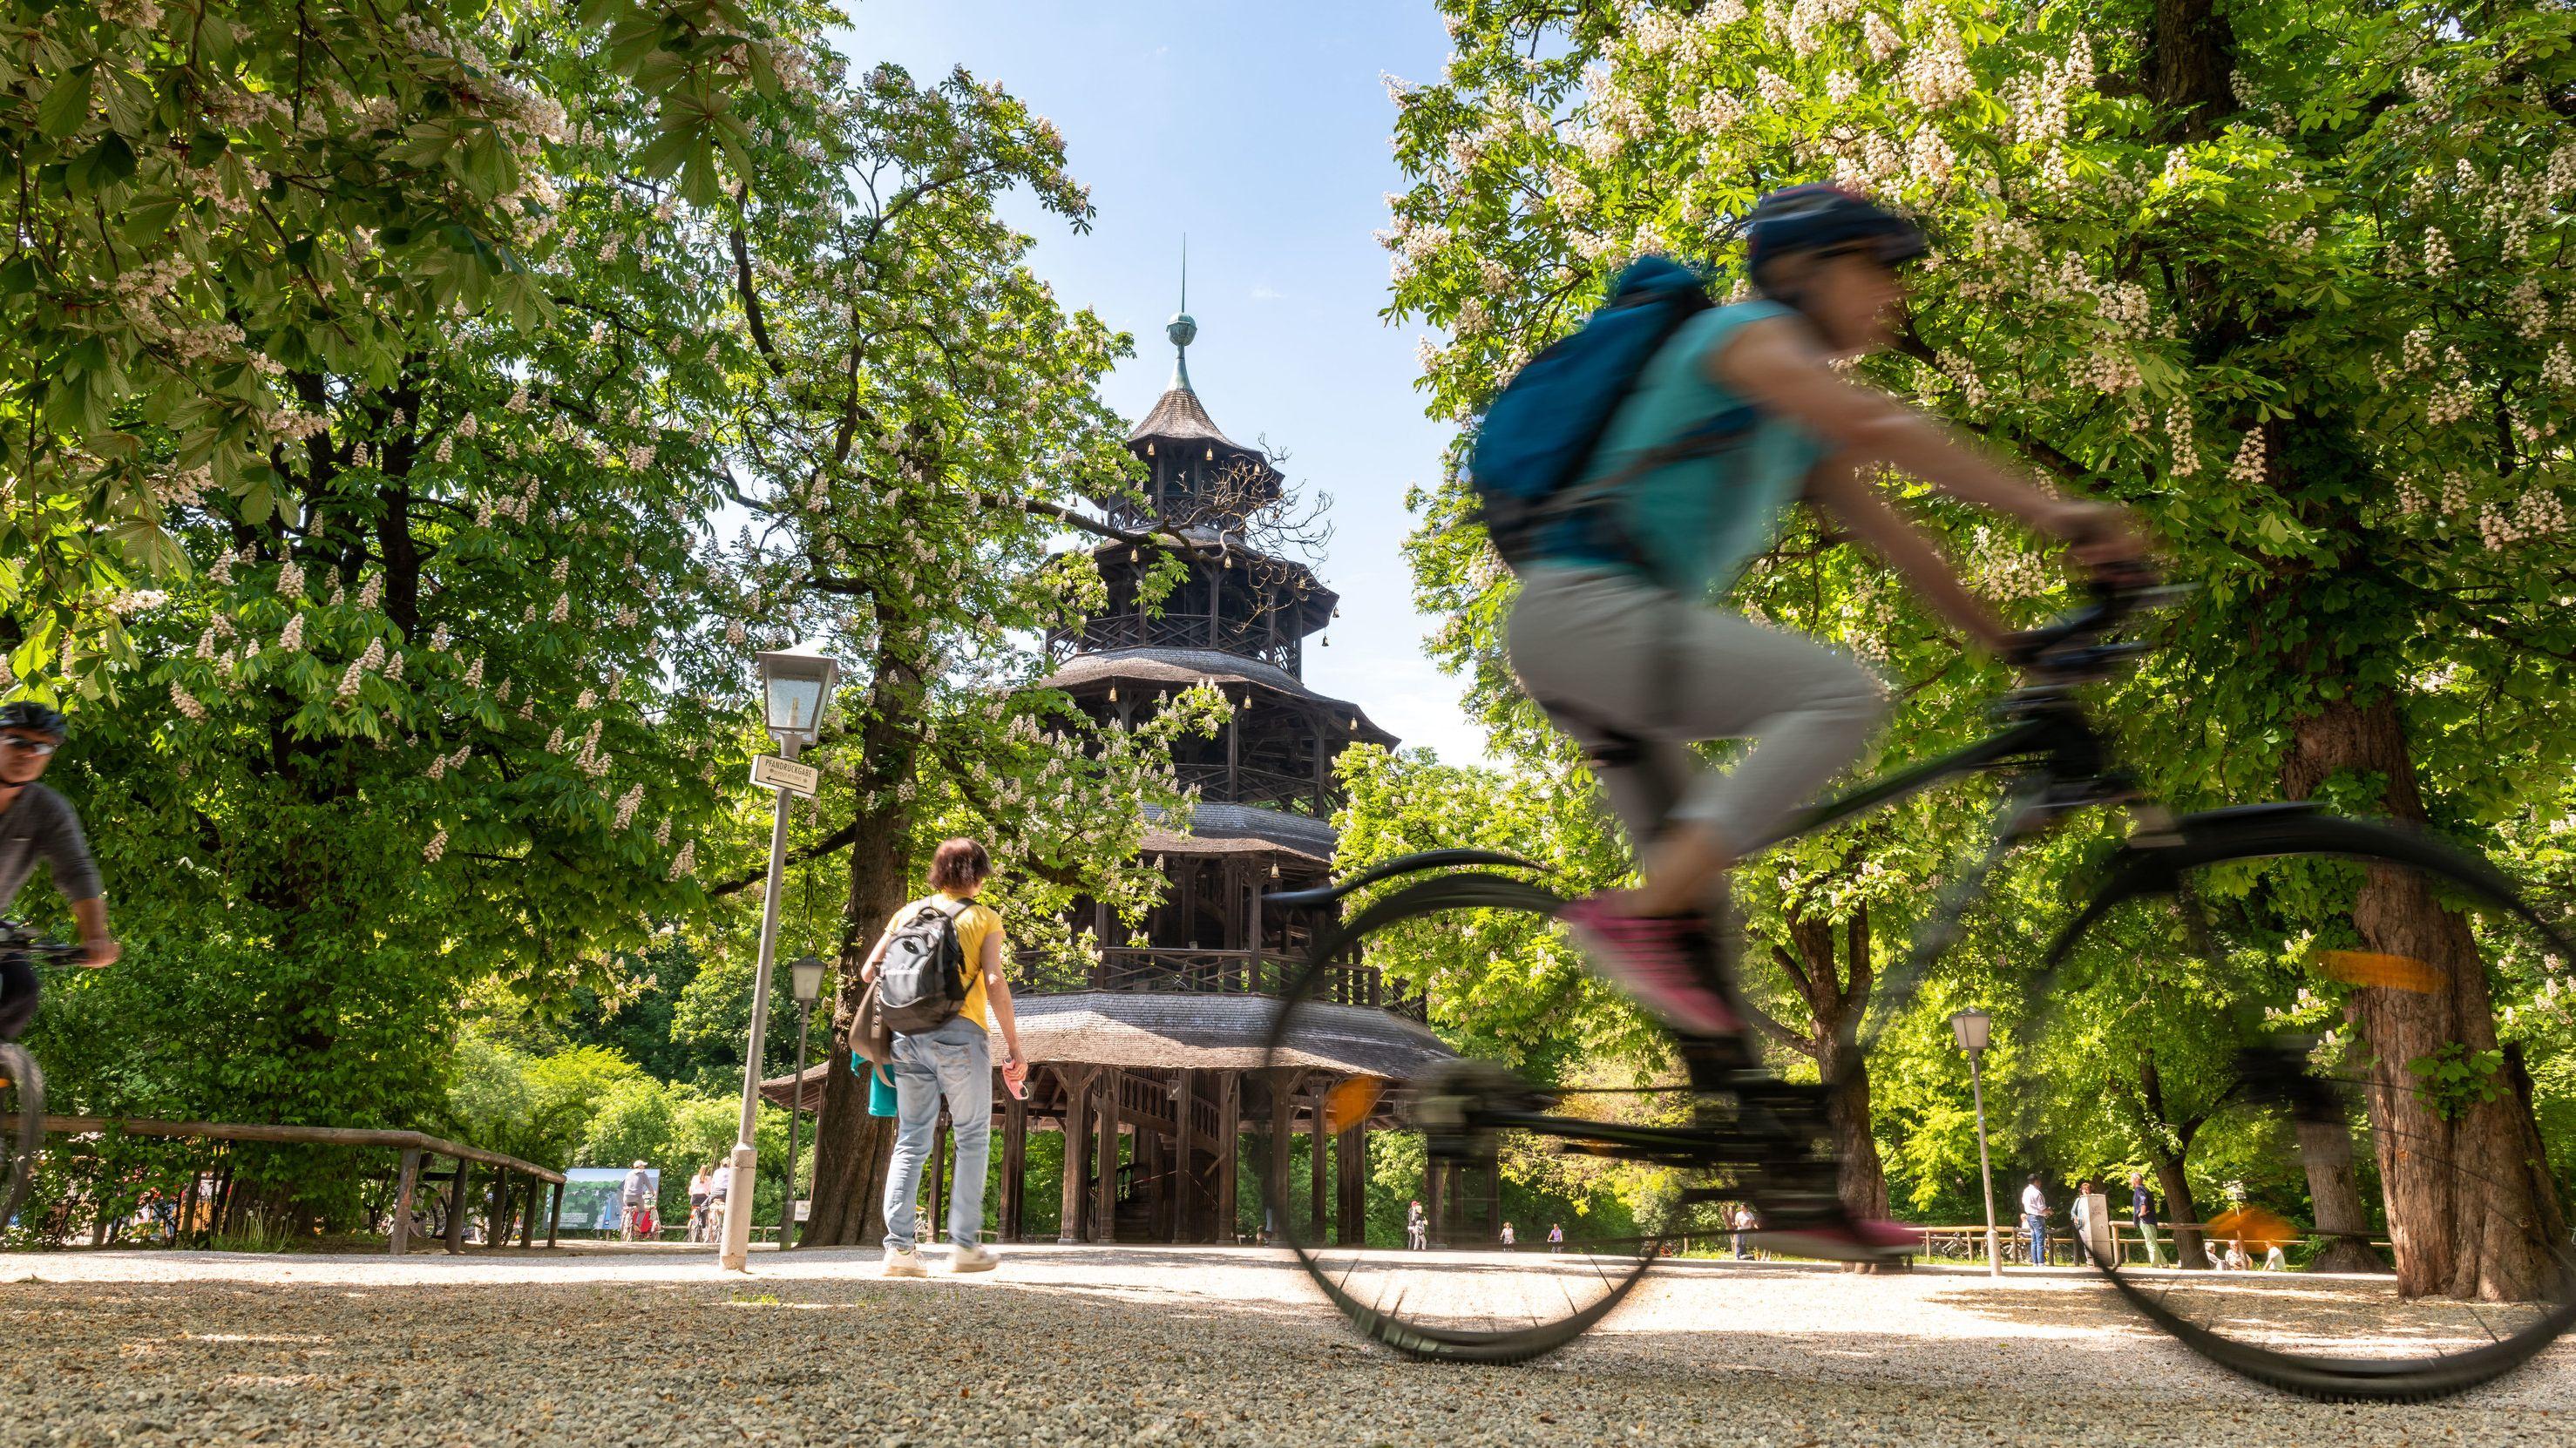 Blühende Kastanienbäume umrahmen den Chinesischen Turm im Englischen Garten, ein Fahrradfahrer kreuzt